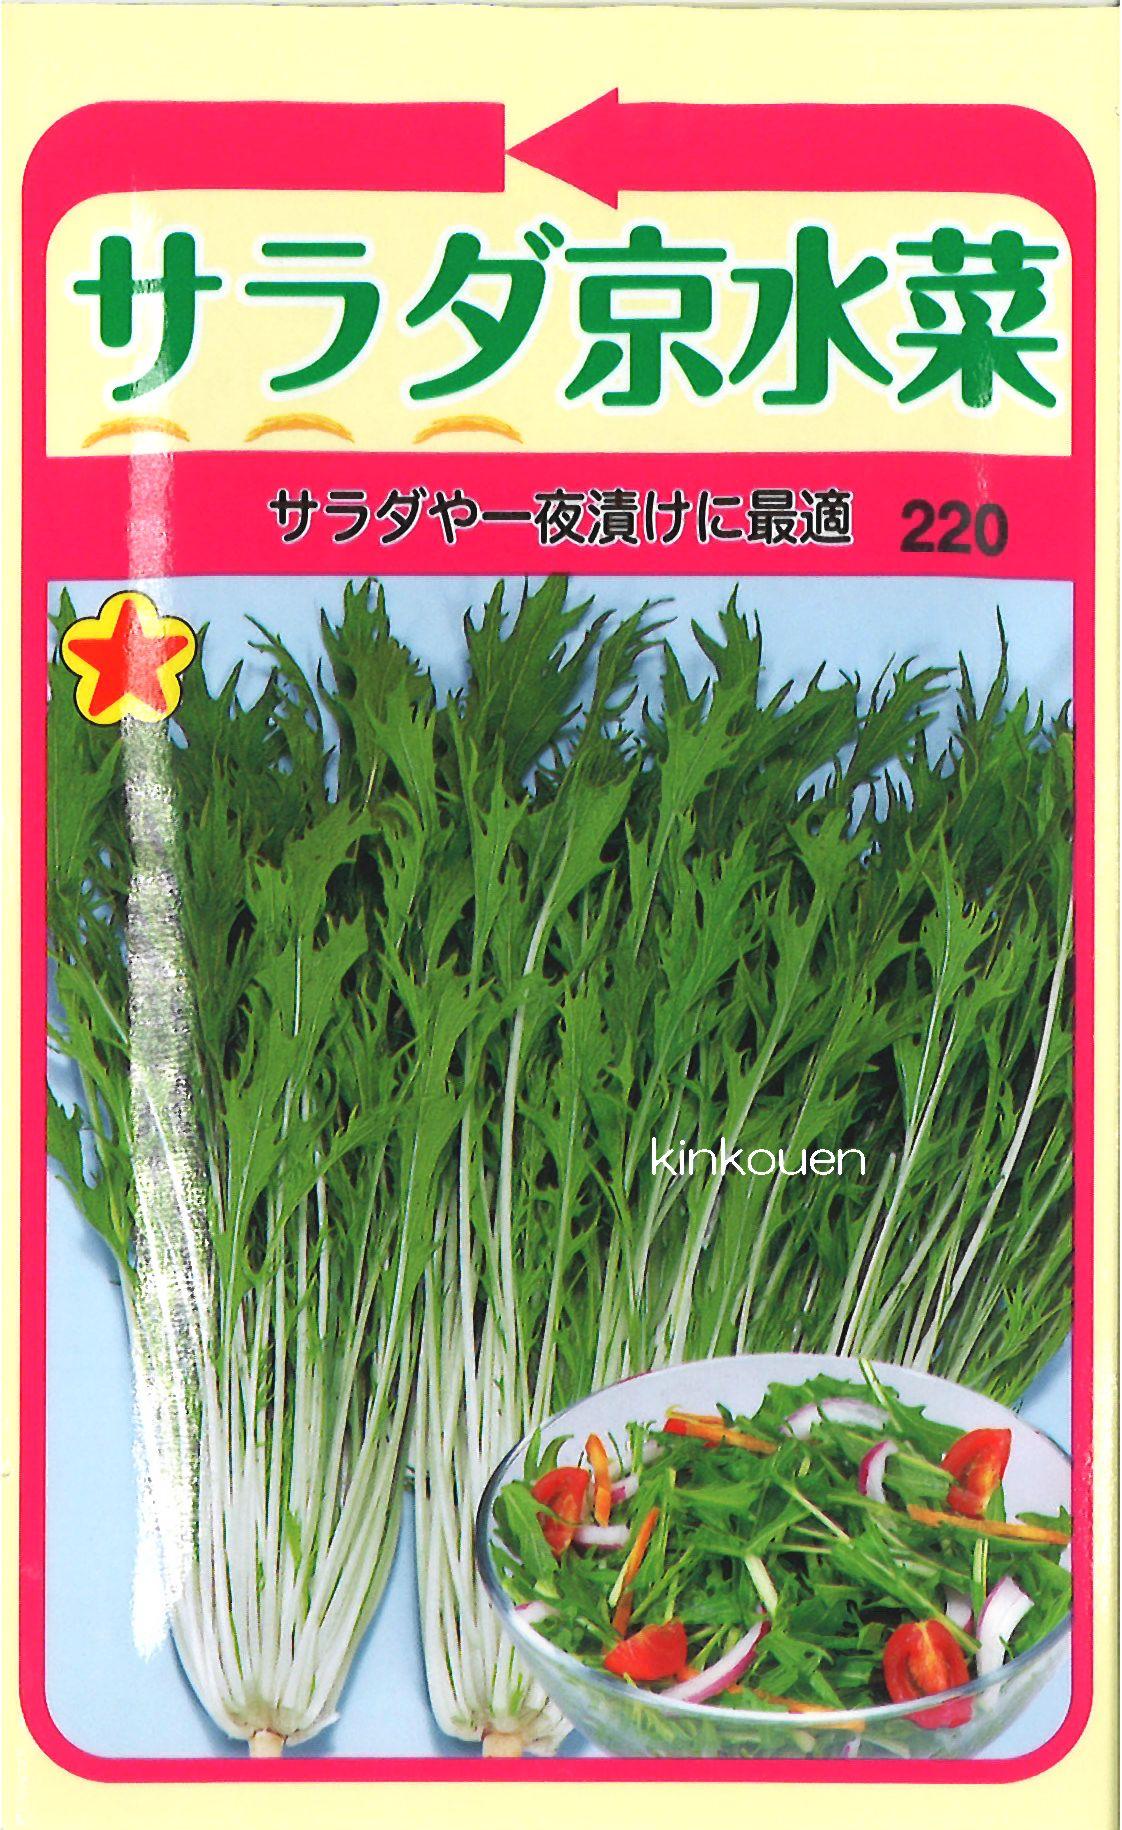 《代引不可》《5袋まで送料80円》 □サラダ京水菜